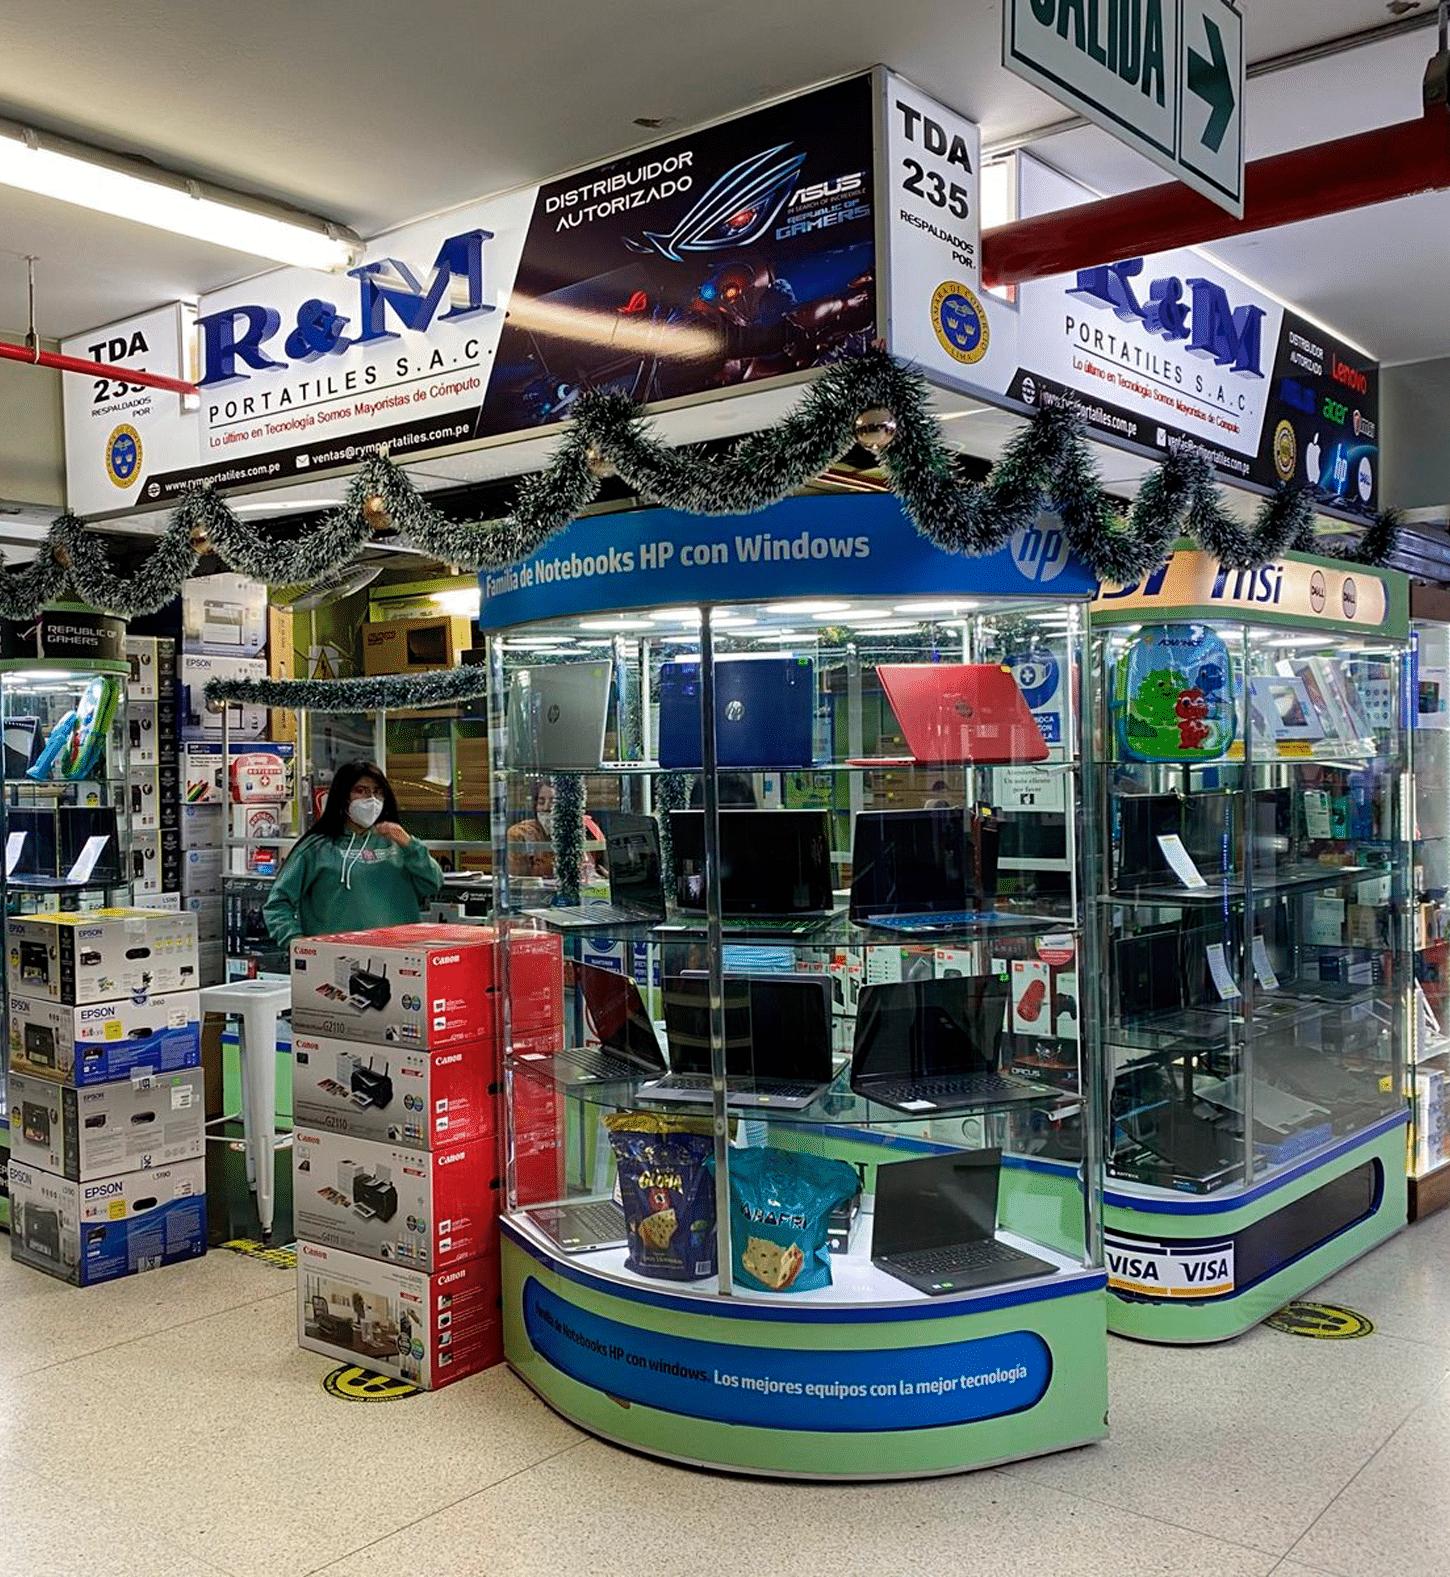 Nuestras tiendas - 235 - R&M Portátiles